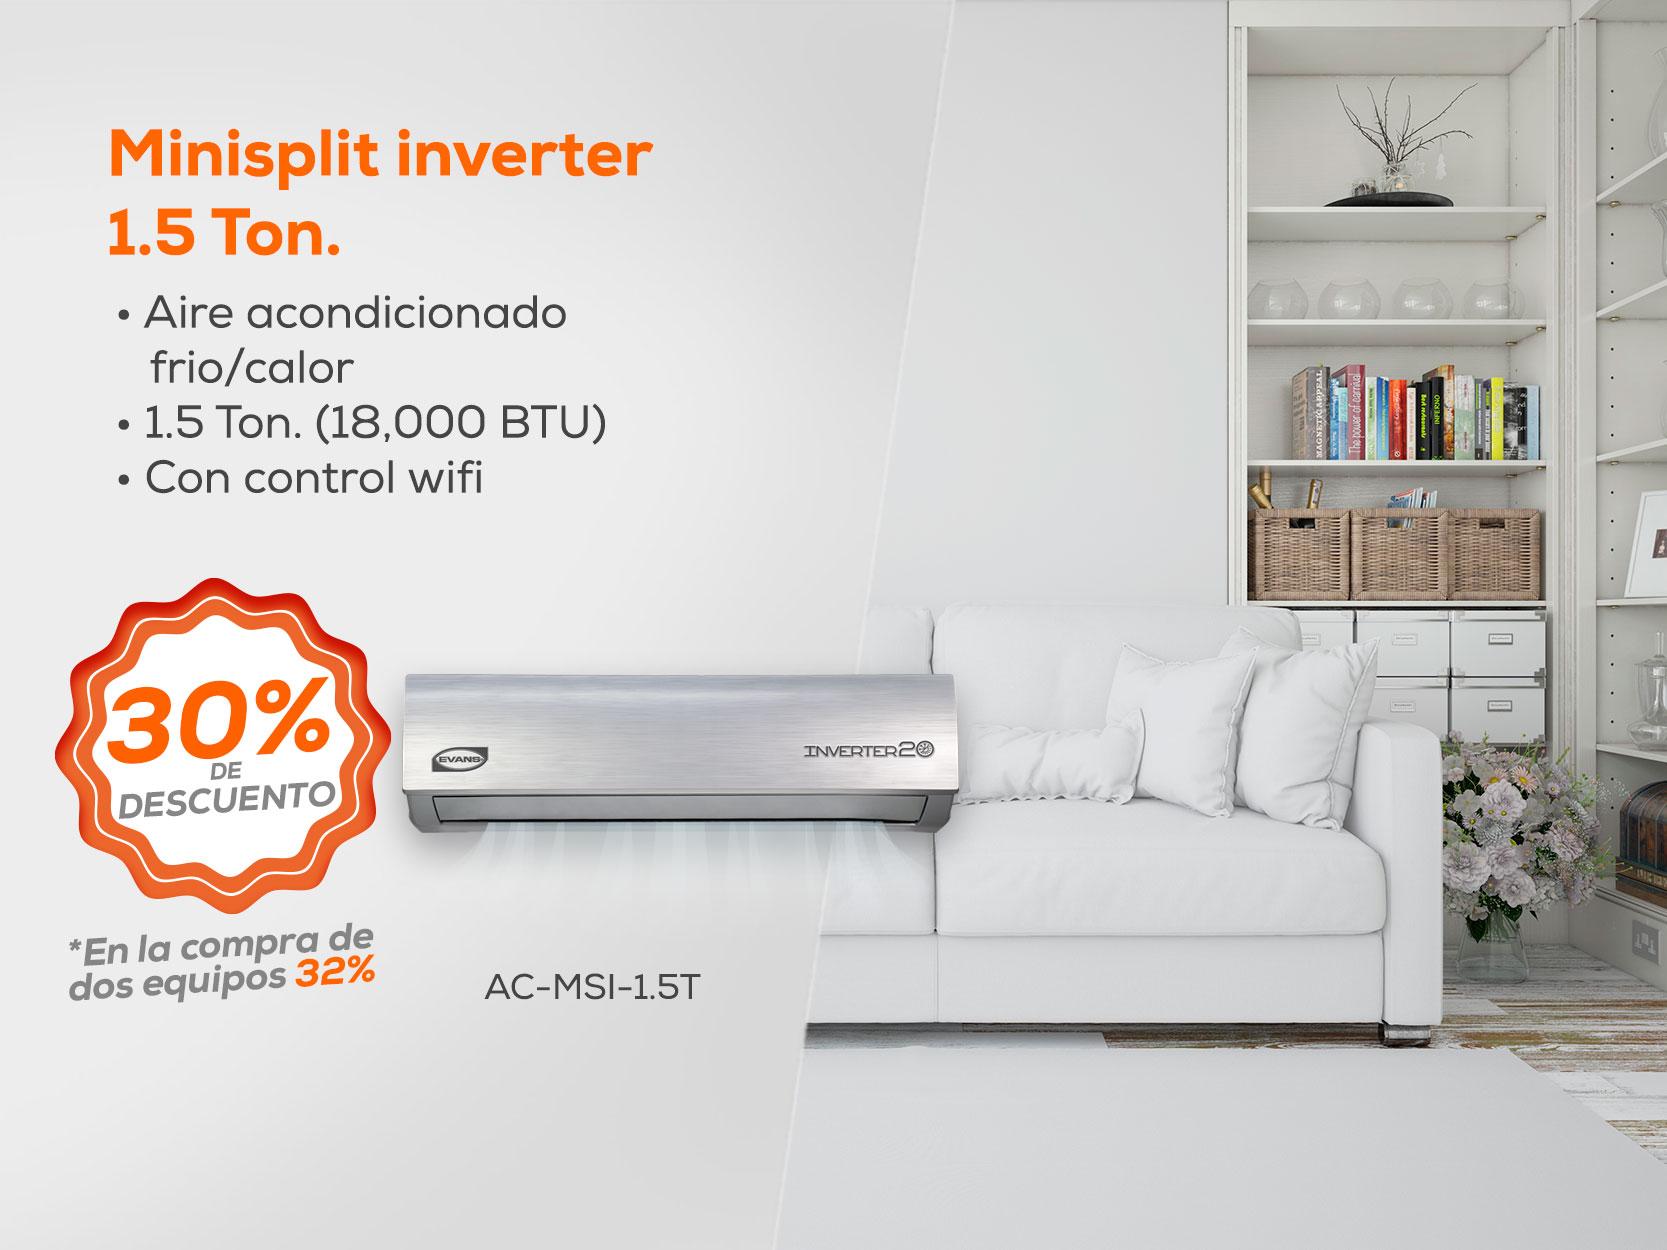 Minisplit Inverter - Aire acondicionado 1.5 ton